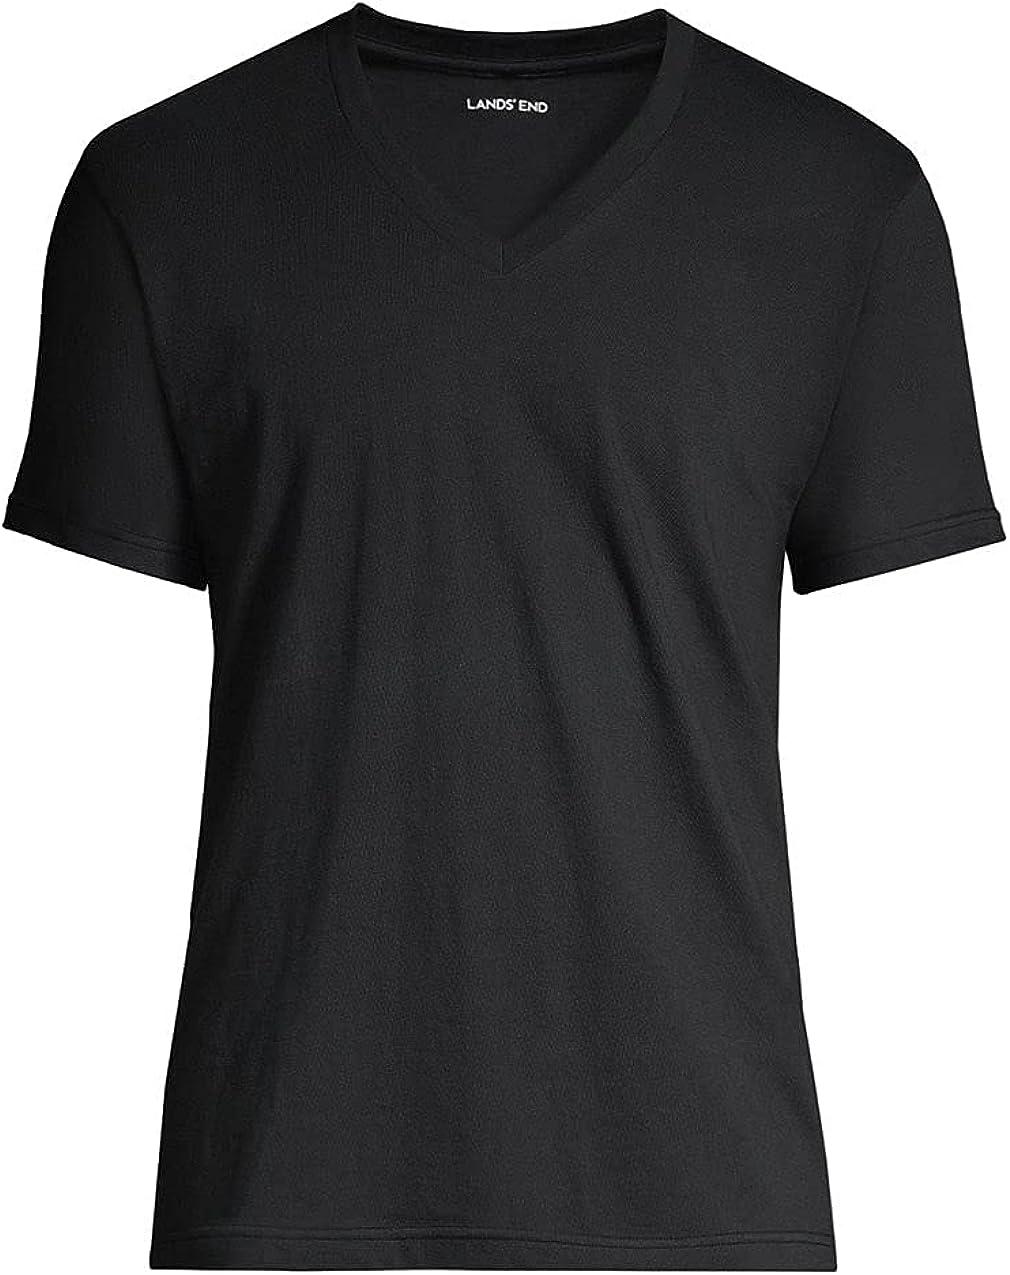 Lands' End Men's Max 88% Over item handling ☆ OFF V-Neck 3 Pack Undershirt